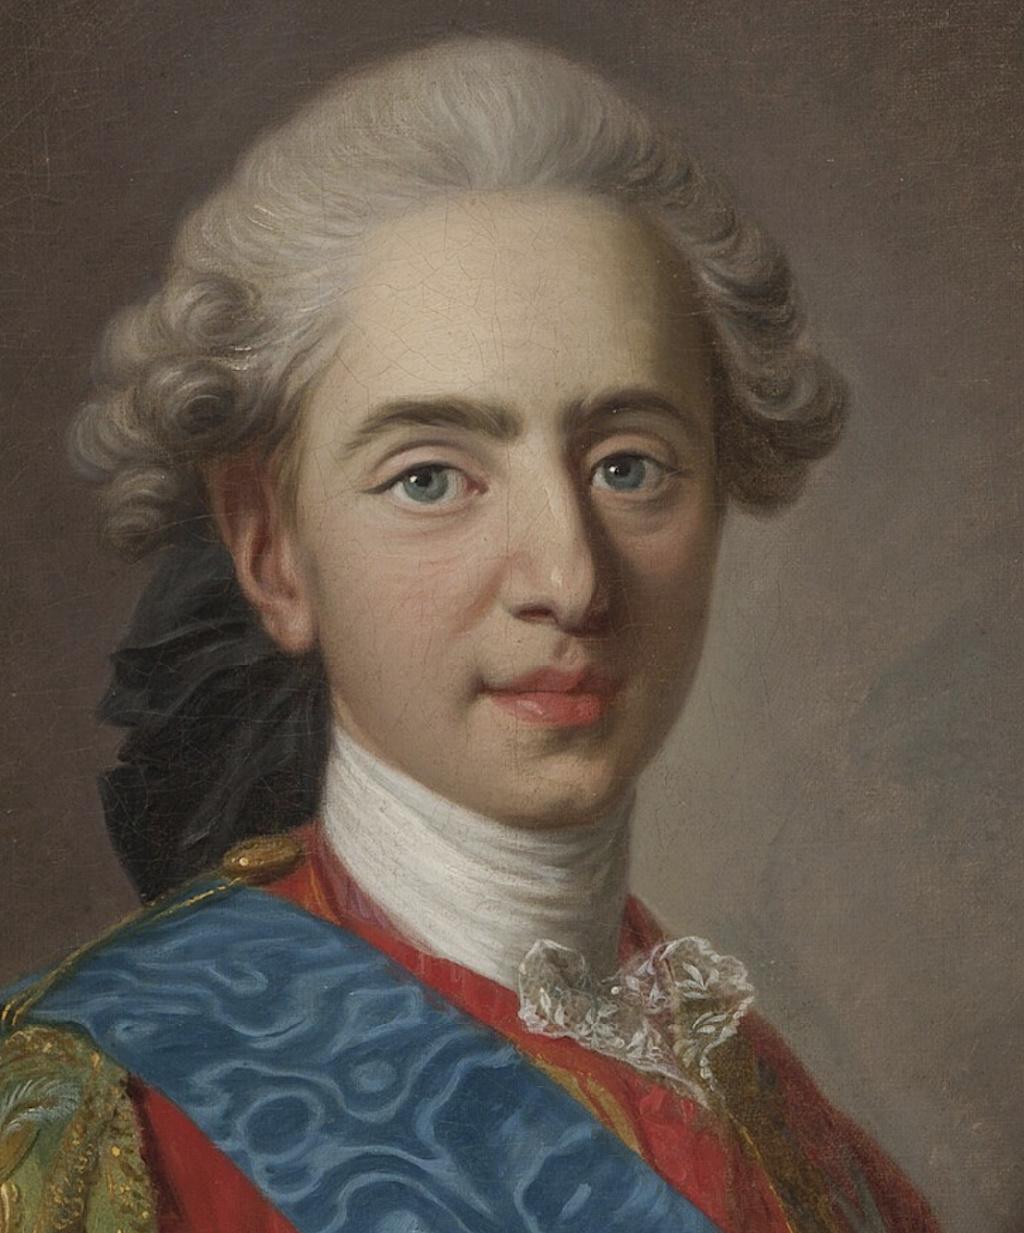 Portraits du comte d'Artois ou du comte de Provence par Van Loo ? Captu450